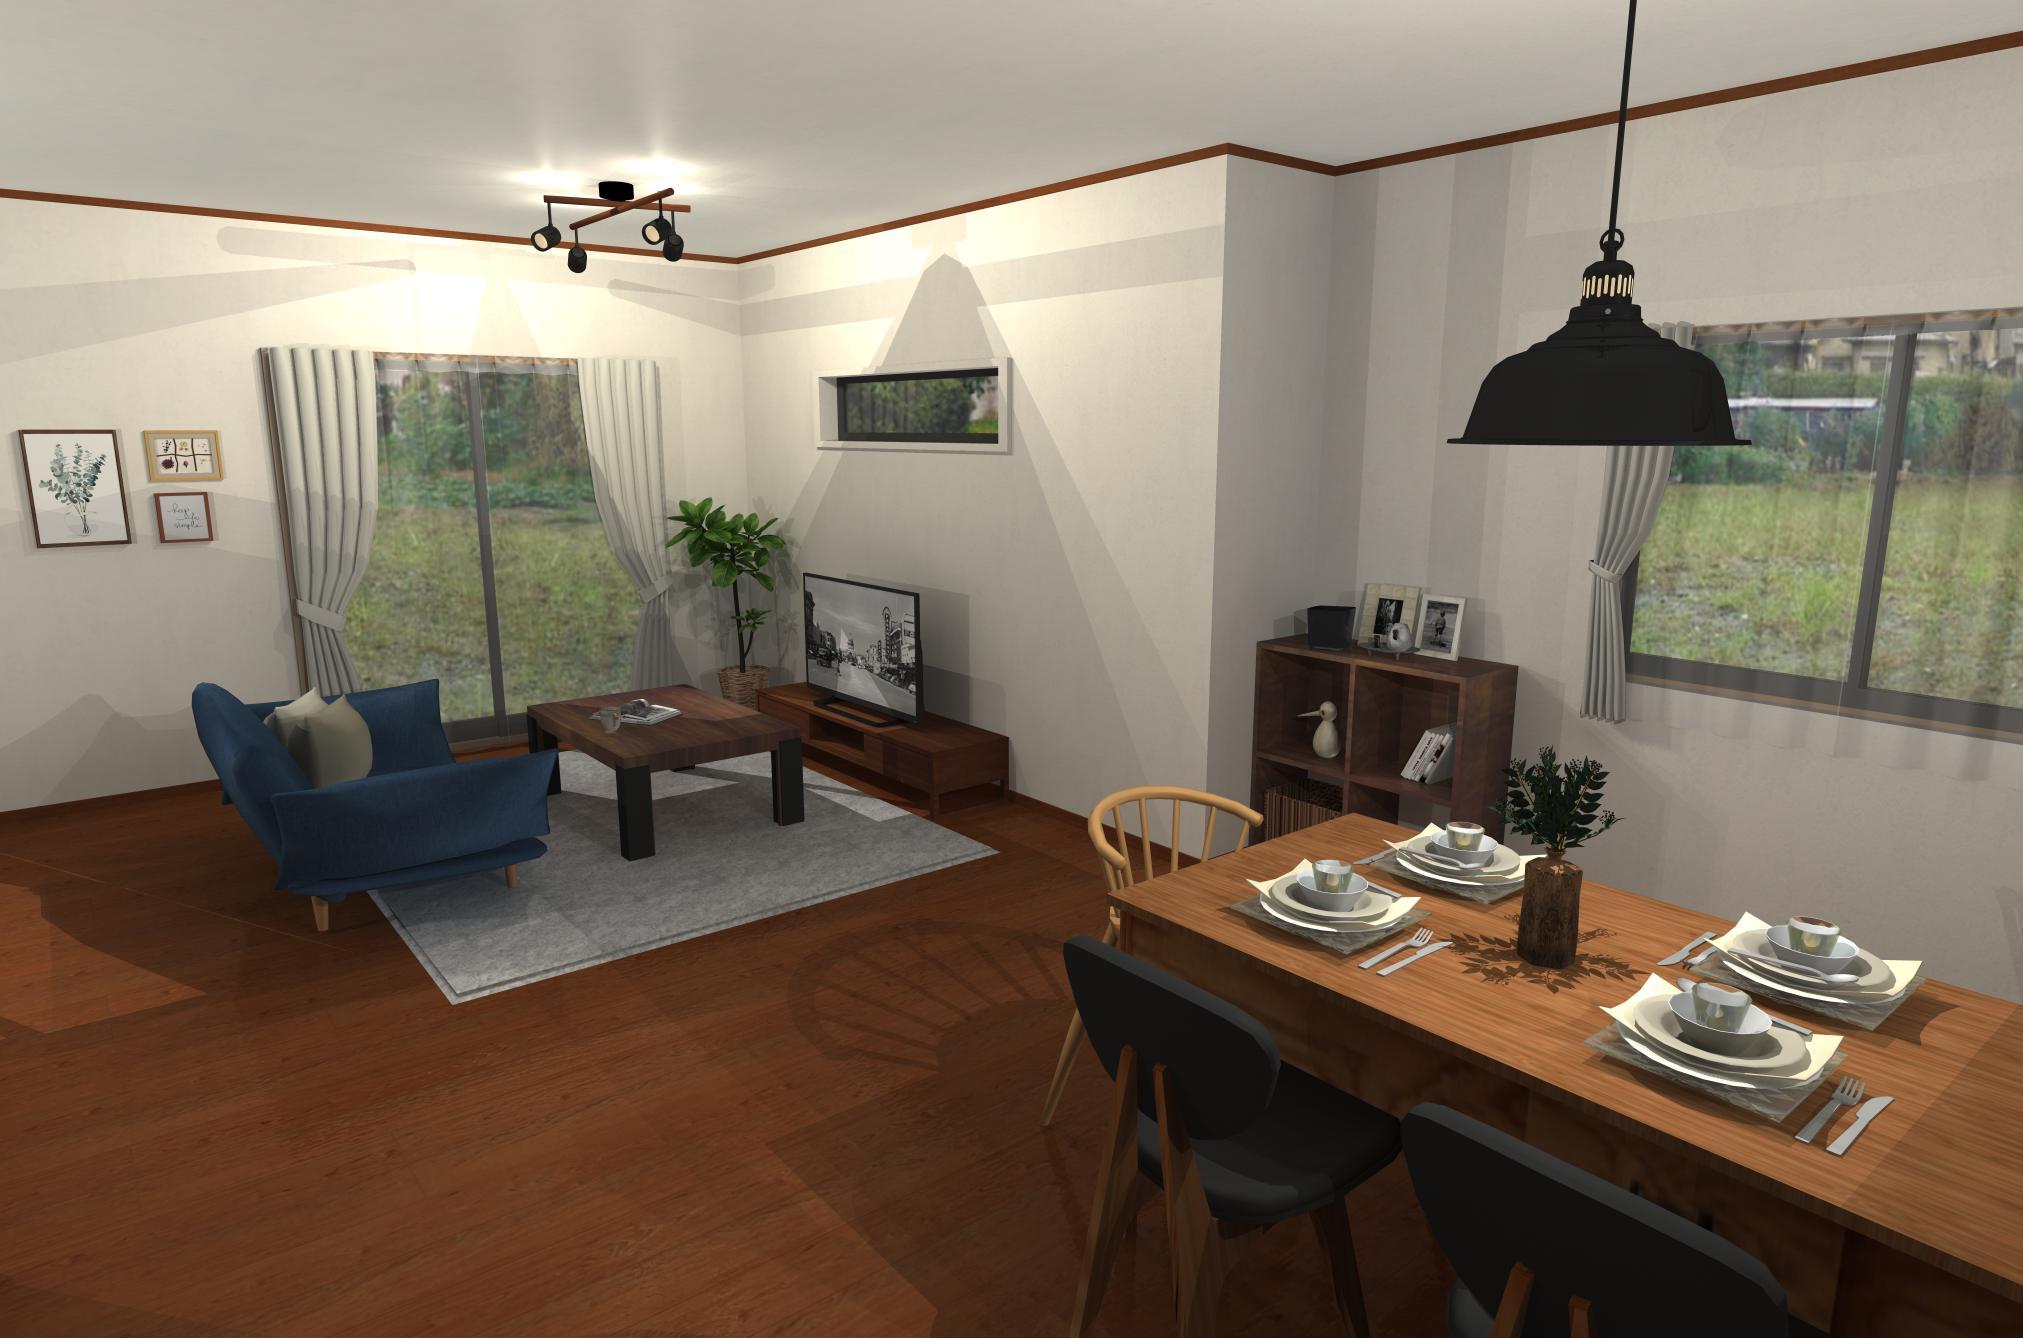 ヴィンテージ×モダンが調和した安らぎのお家カフェ